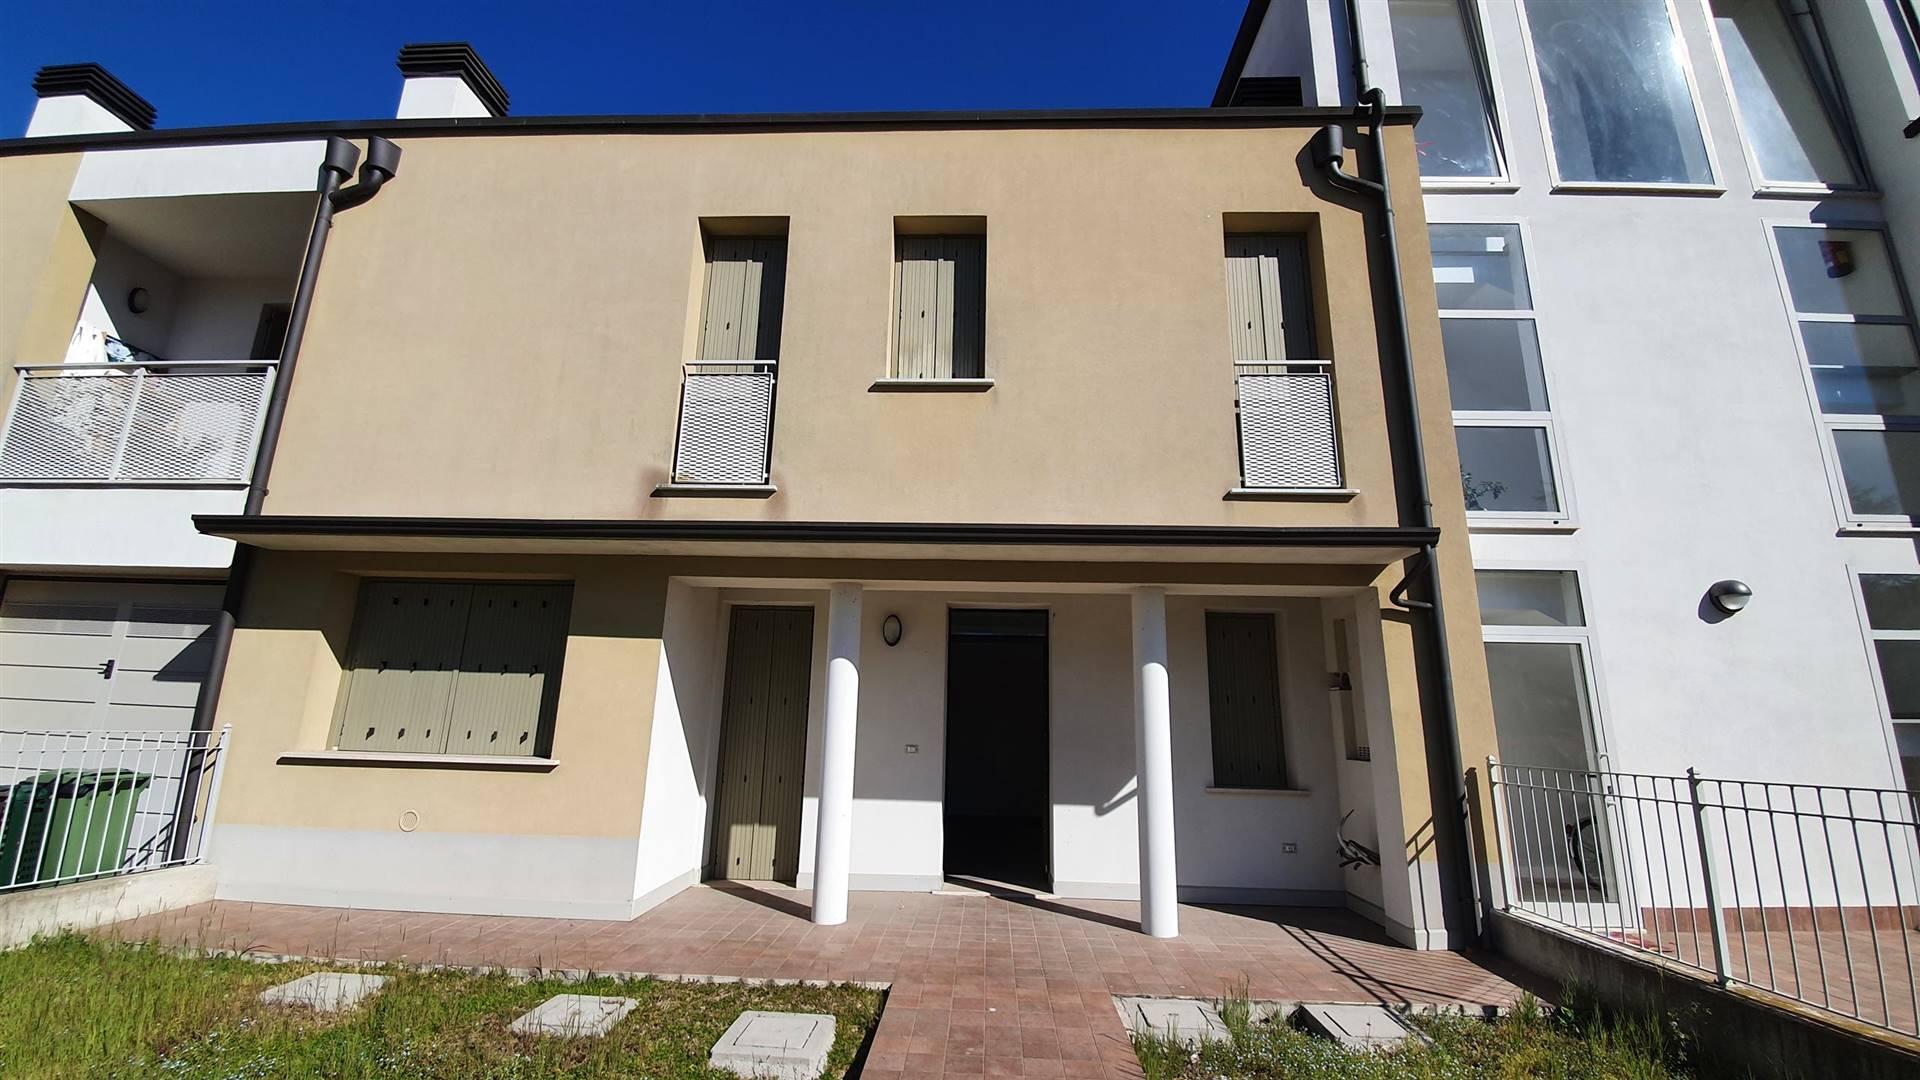 Villa a Schiera in vendita a Moglia, 5 locali, prezzo € 145.000 | CambioCasa.it